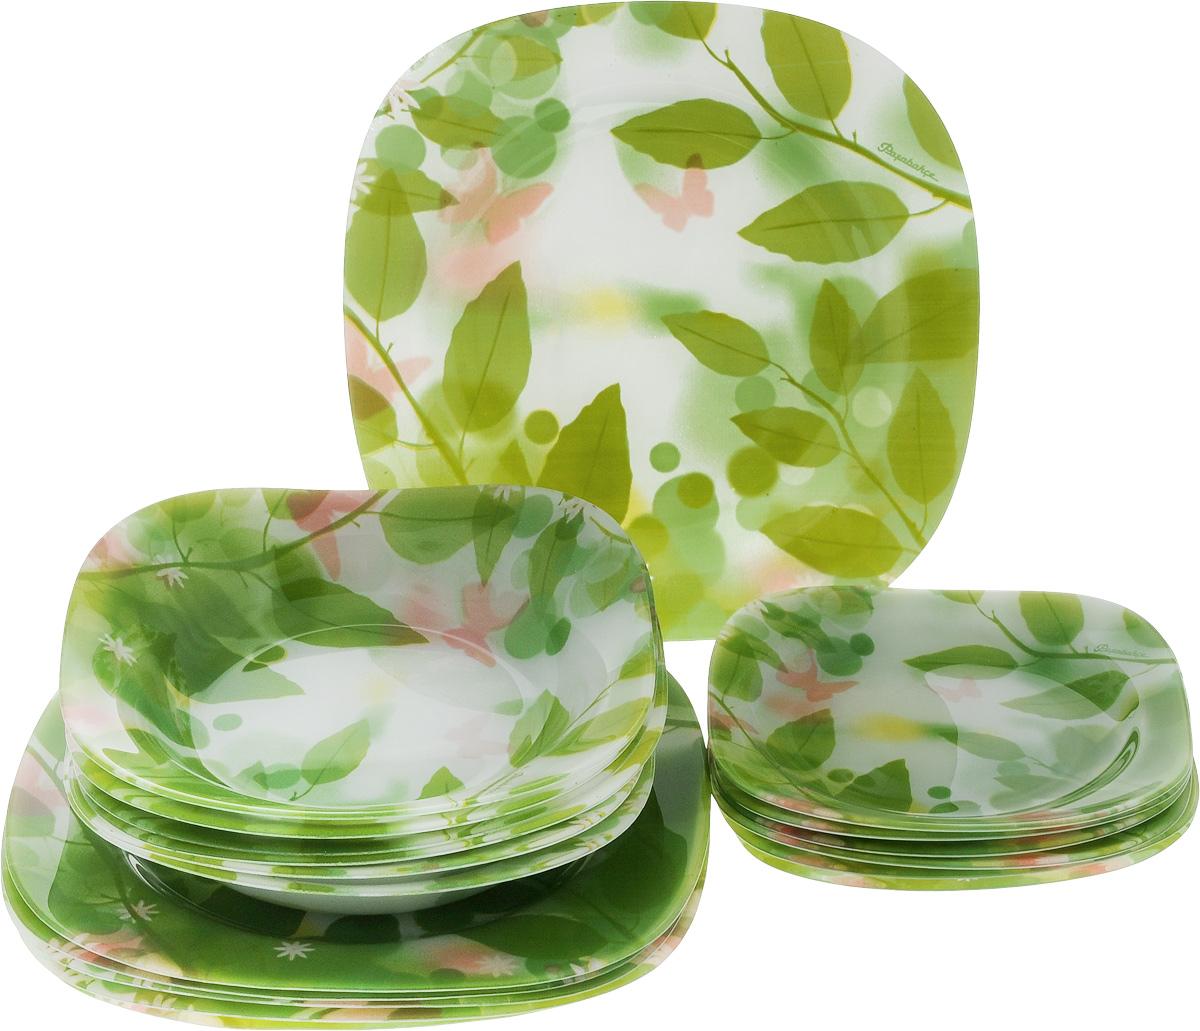 Набор тарелок Pasabahce Butterflies, 18 шт96464BНабор Pasabahce Butterflies состоит из 6 десертных тарелок, 6 глубоких тарелок и 6 обеденных тарелок, выполненных из высококачественного натрий-кальций-силикатного стекла. Изделия предназначены для красивой сервировки различных блюд. Набор сочетает в себе изысканный дизайн с максимальной функциональностью. Размер десертной тарелки: 18,5 х 18,5 см. Высота десертной тарелки: 2 см. Размер обеденной тарелки: 26 х 26 см. Высота обеденной тарелки: 2 см. Размер глубокой тарелки: 21 х 21 см. Высота глубокой тарелки: 3,5 см.